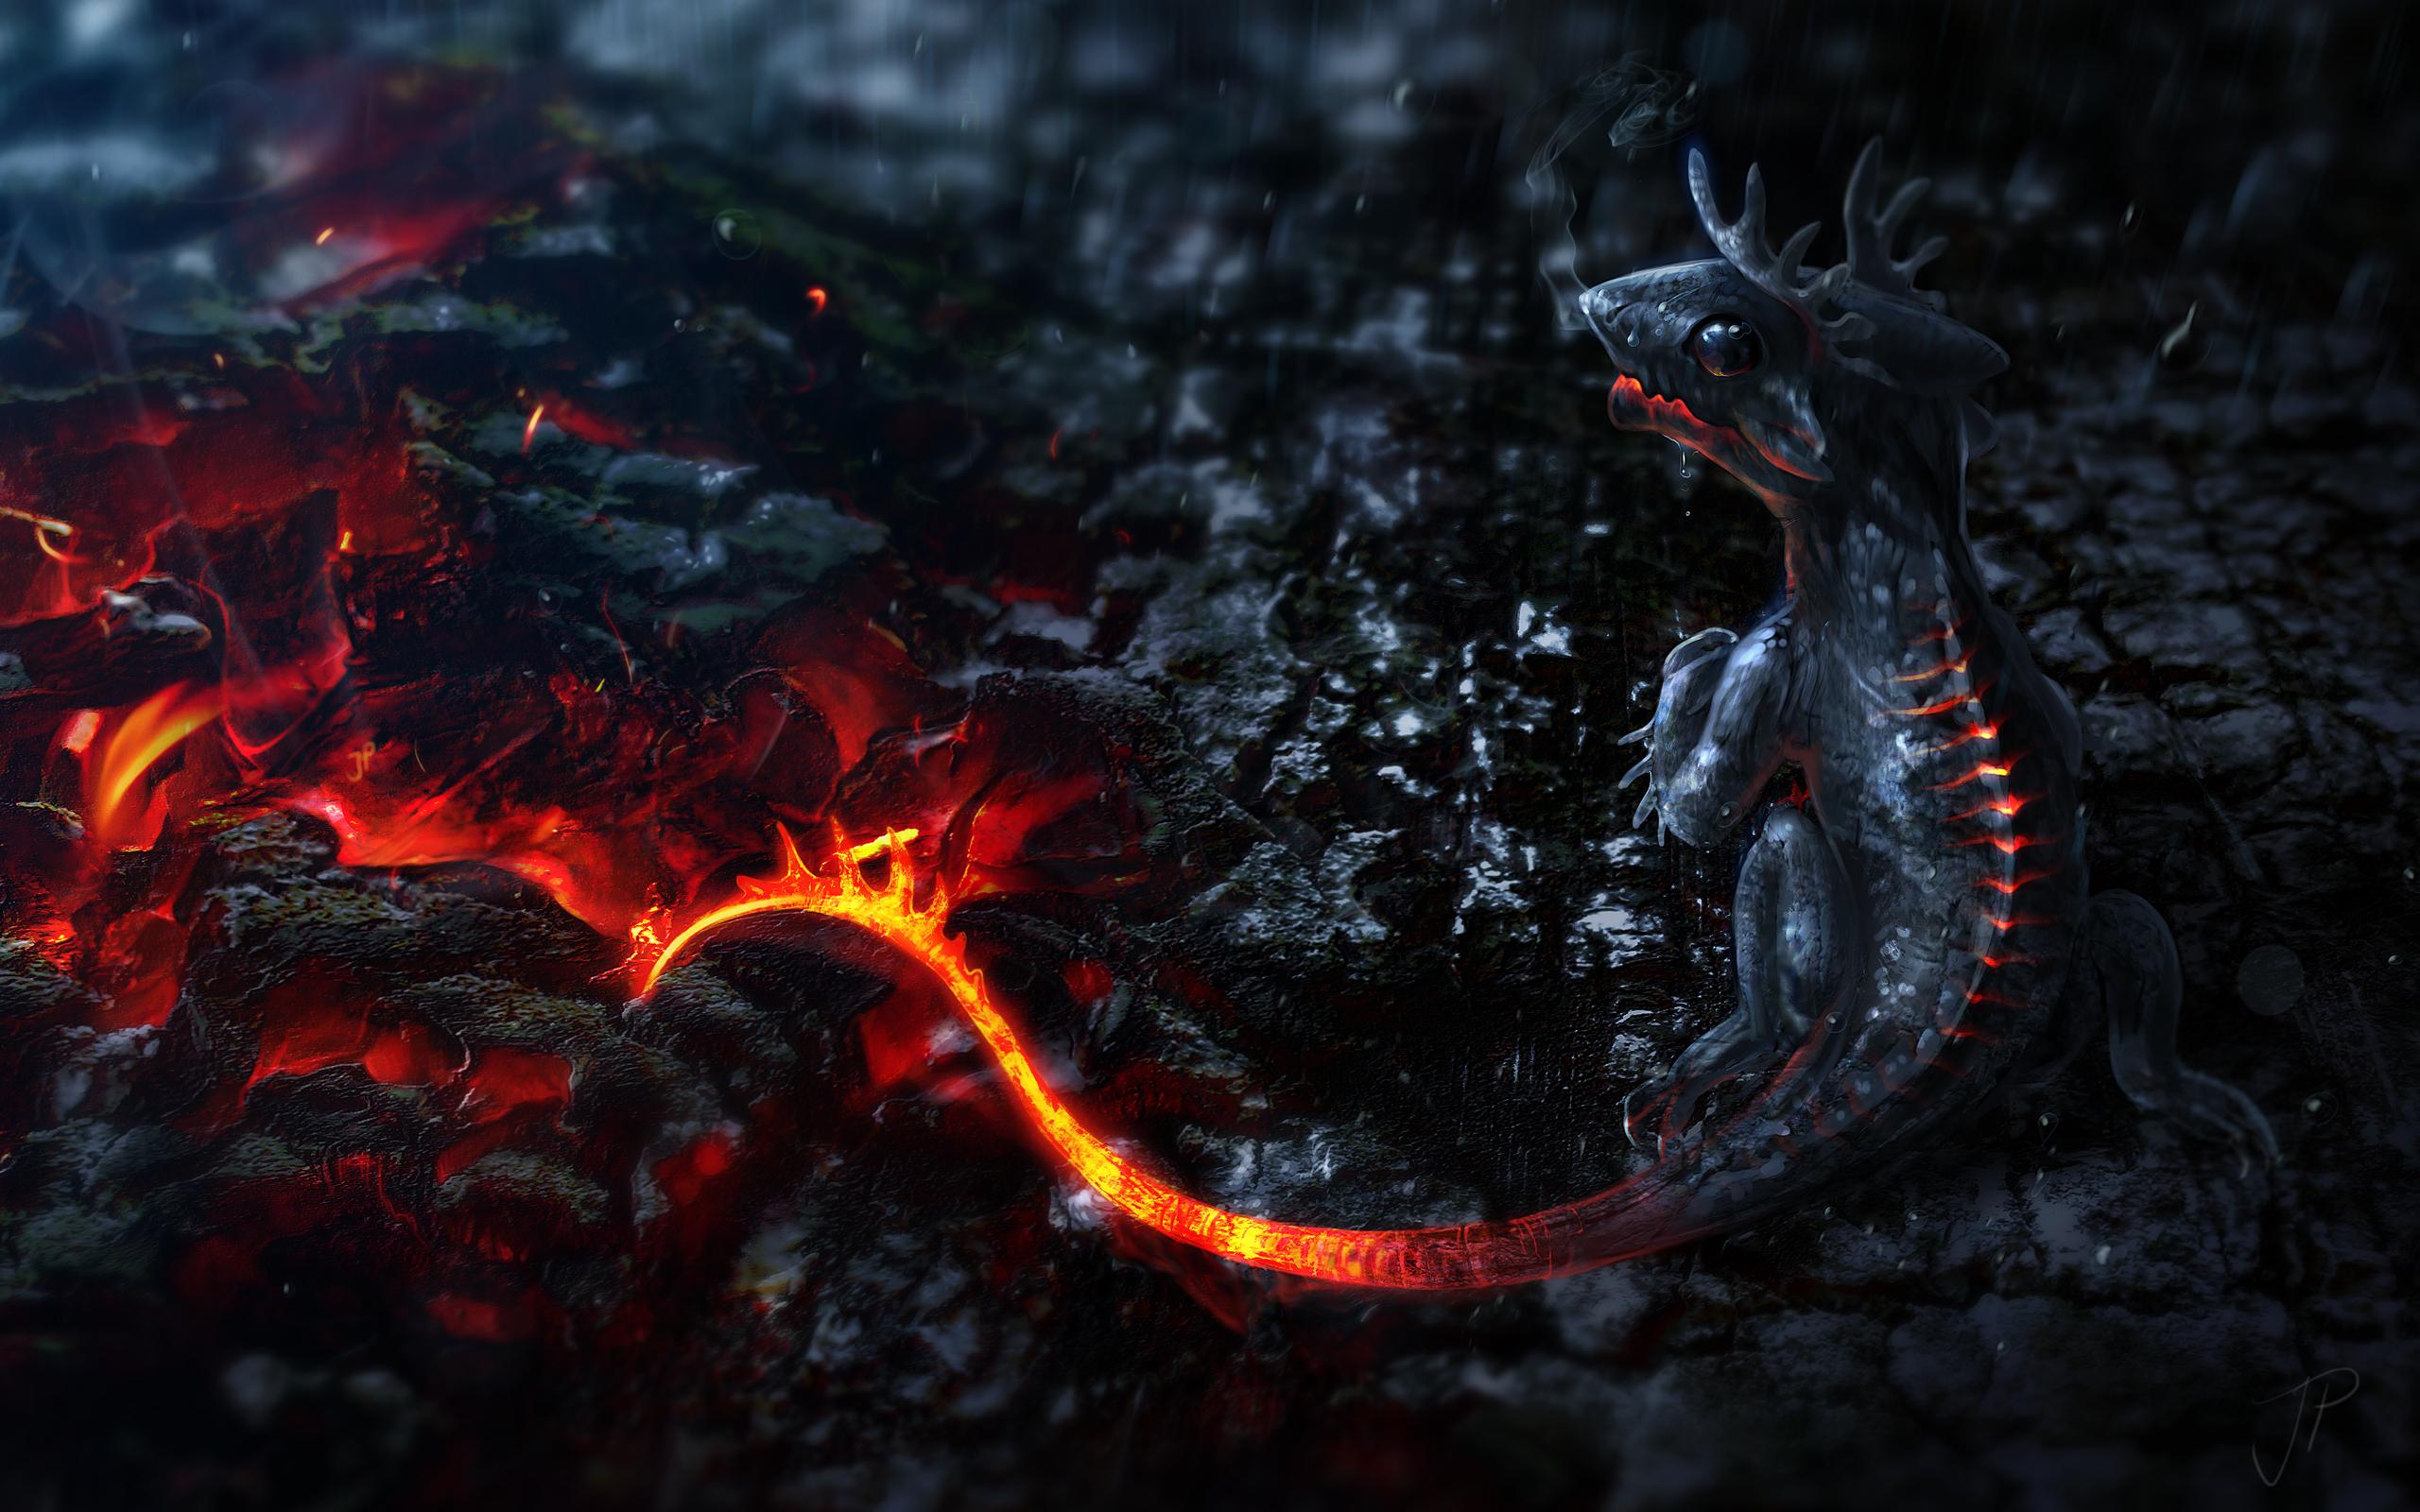 Fire Lava Dragon Wallpaper